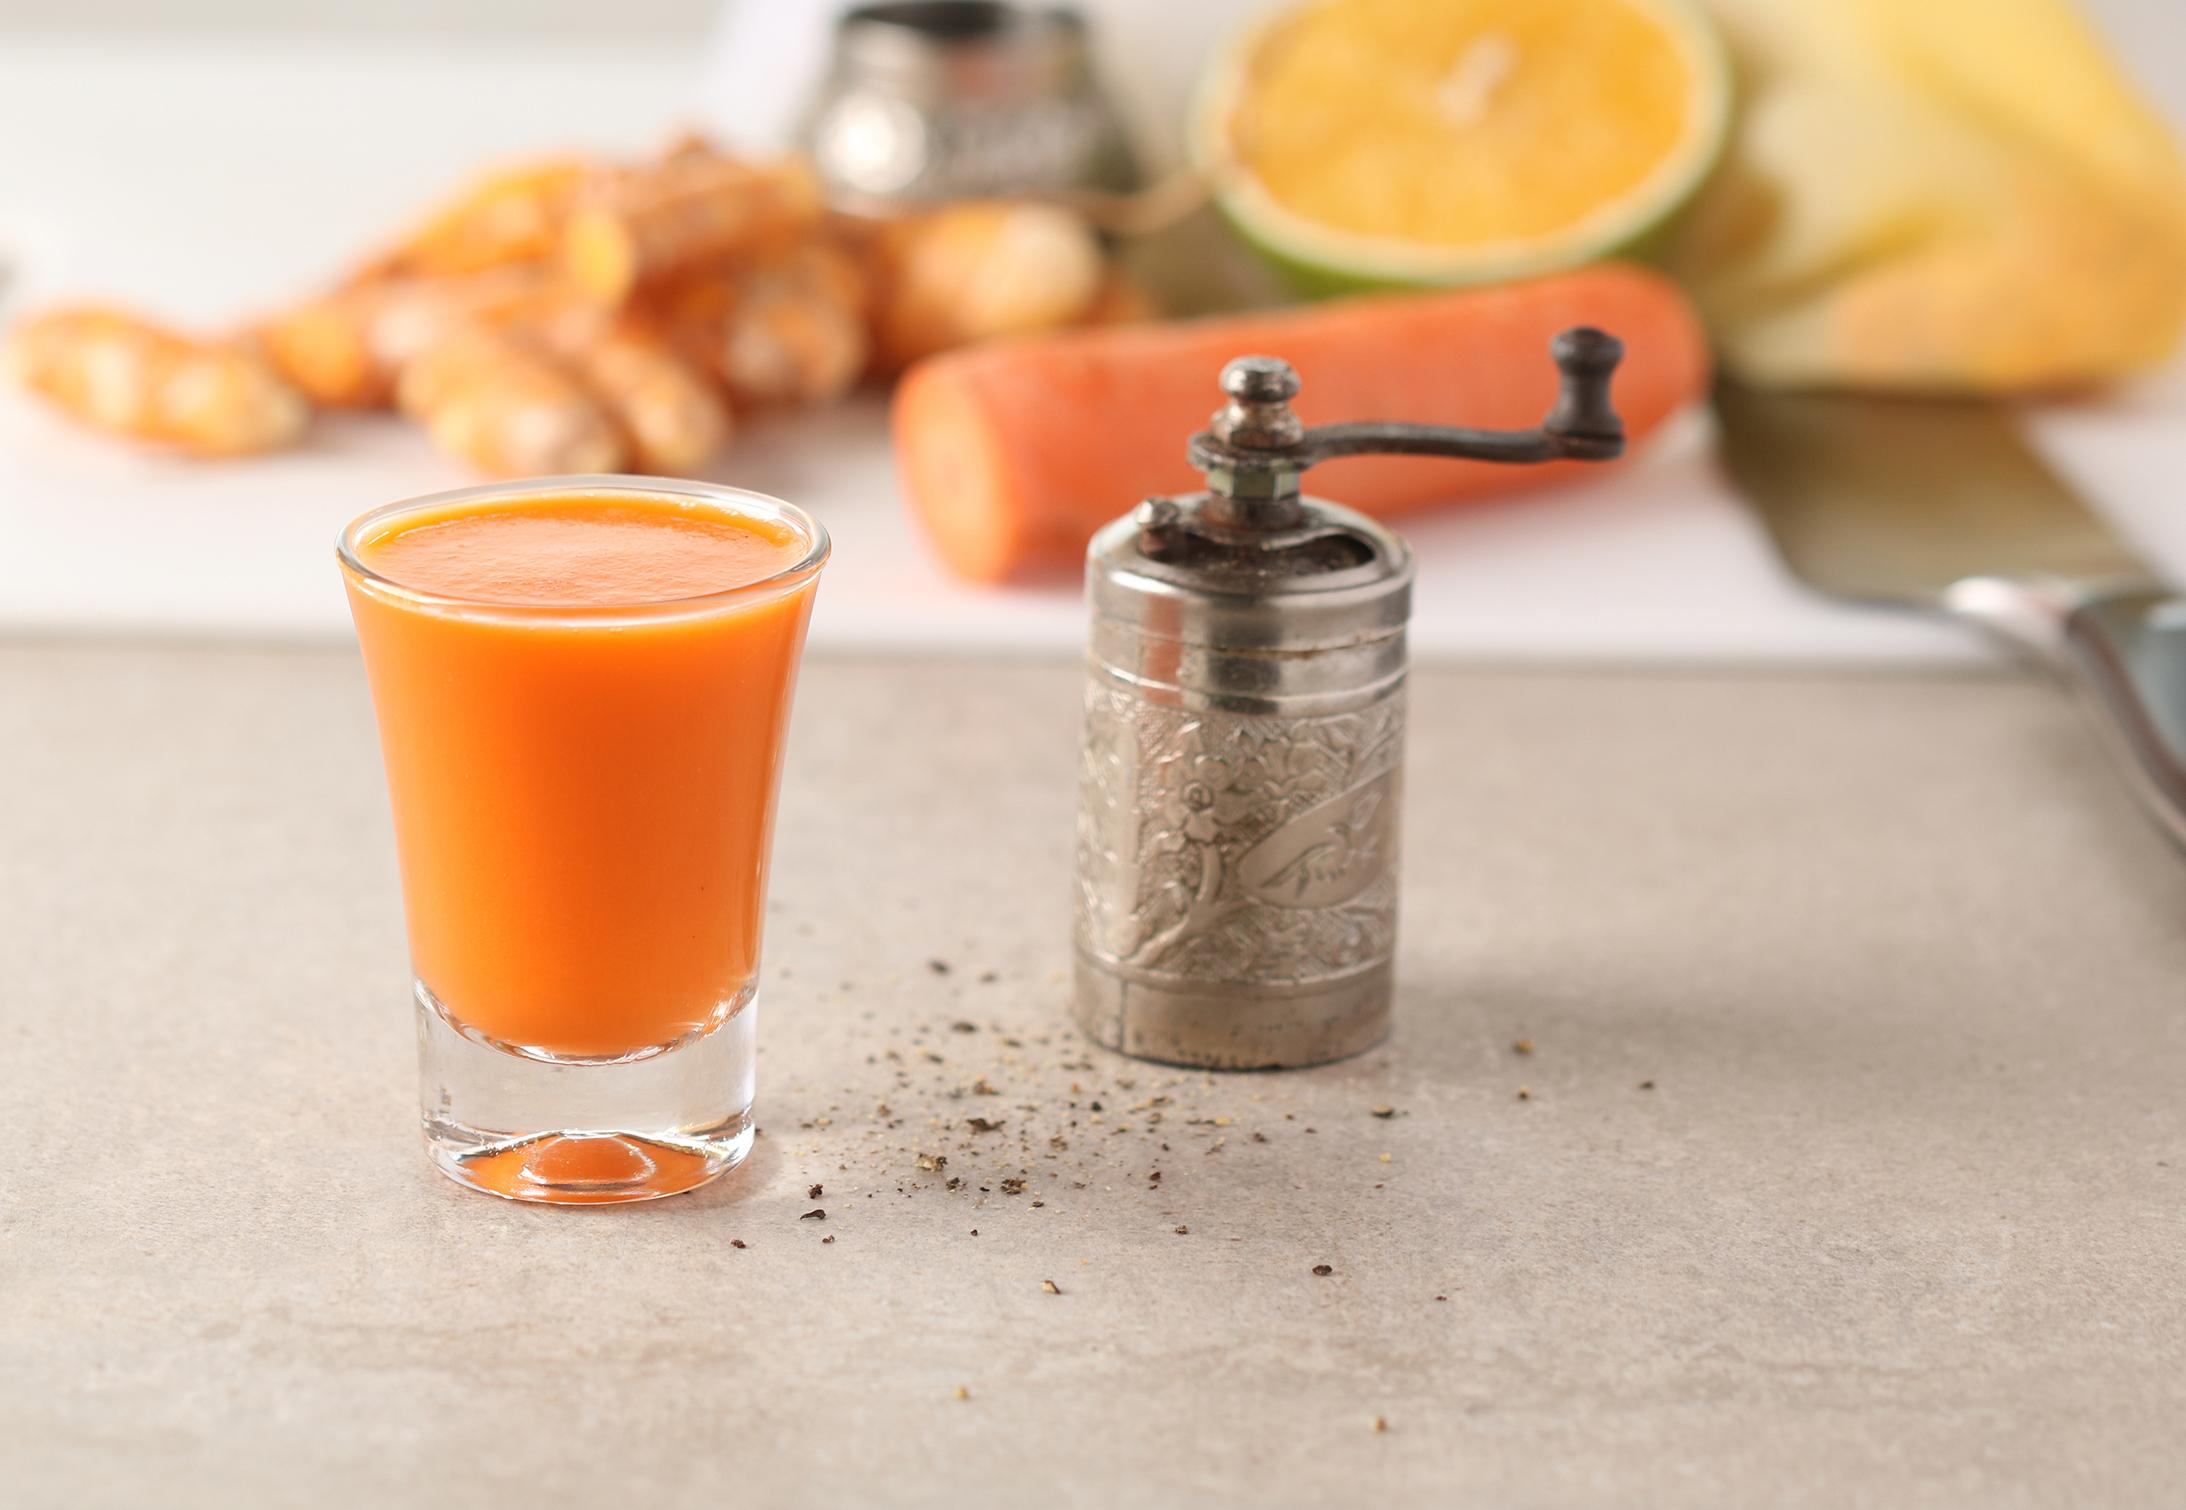 copinho de shot cheio de suco de cor laranja sobre uma superfície de cimento queimado aparece ao lado de um moedor de pimenta prateado. Ao fundo, aparece uma cenoura descascada, pedaços de gengibre, meia laranja e uma espátula